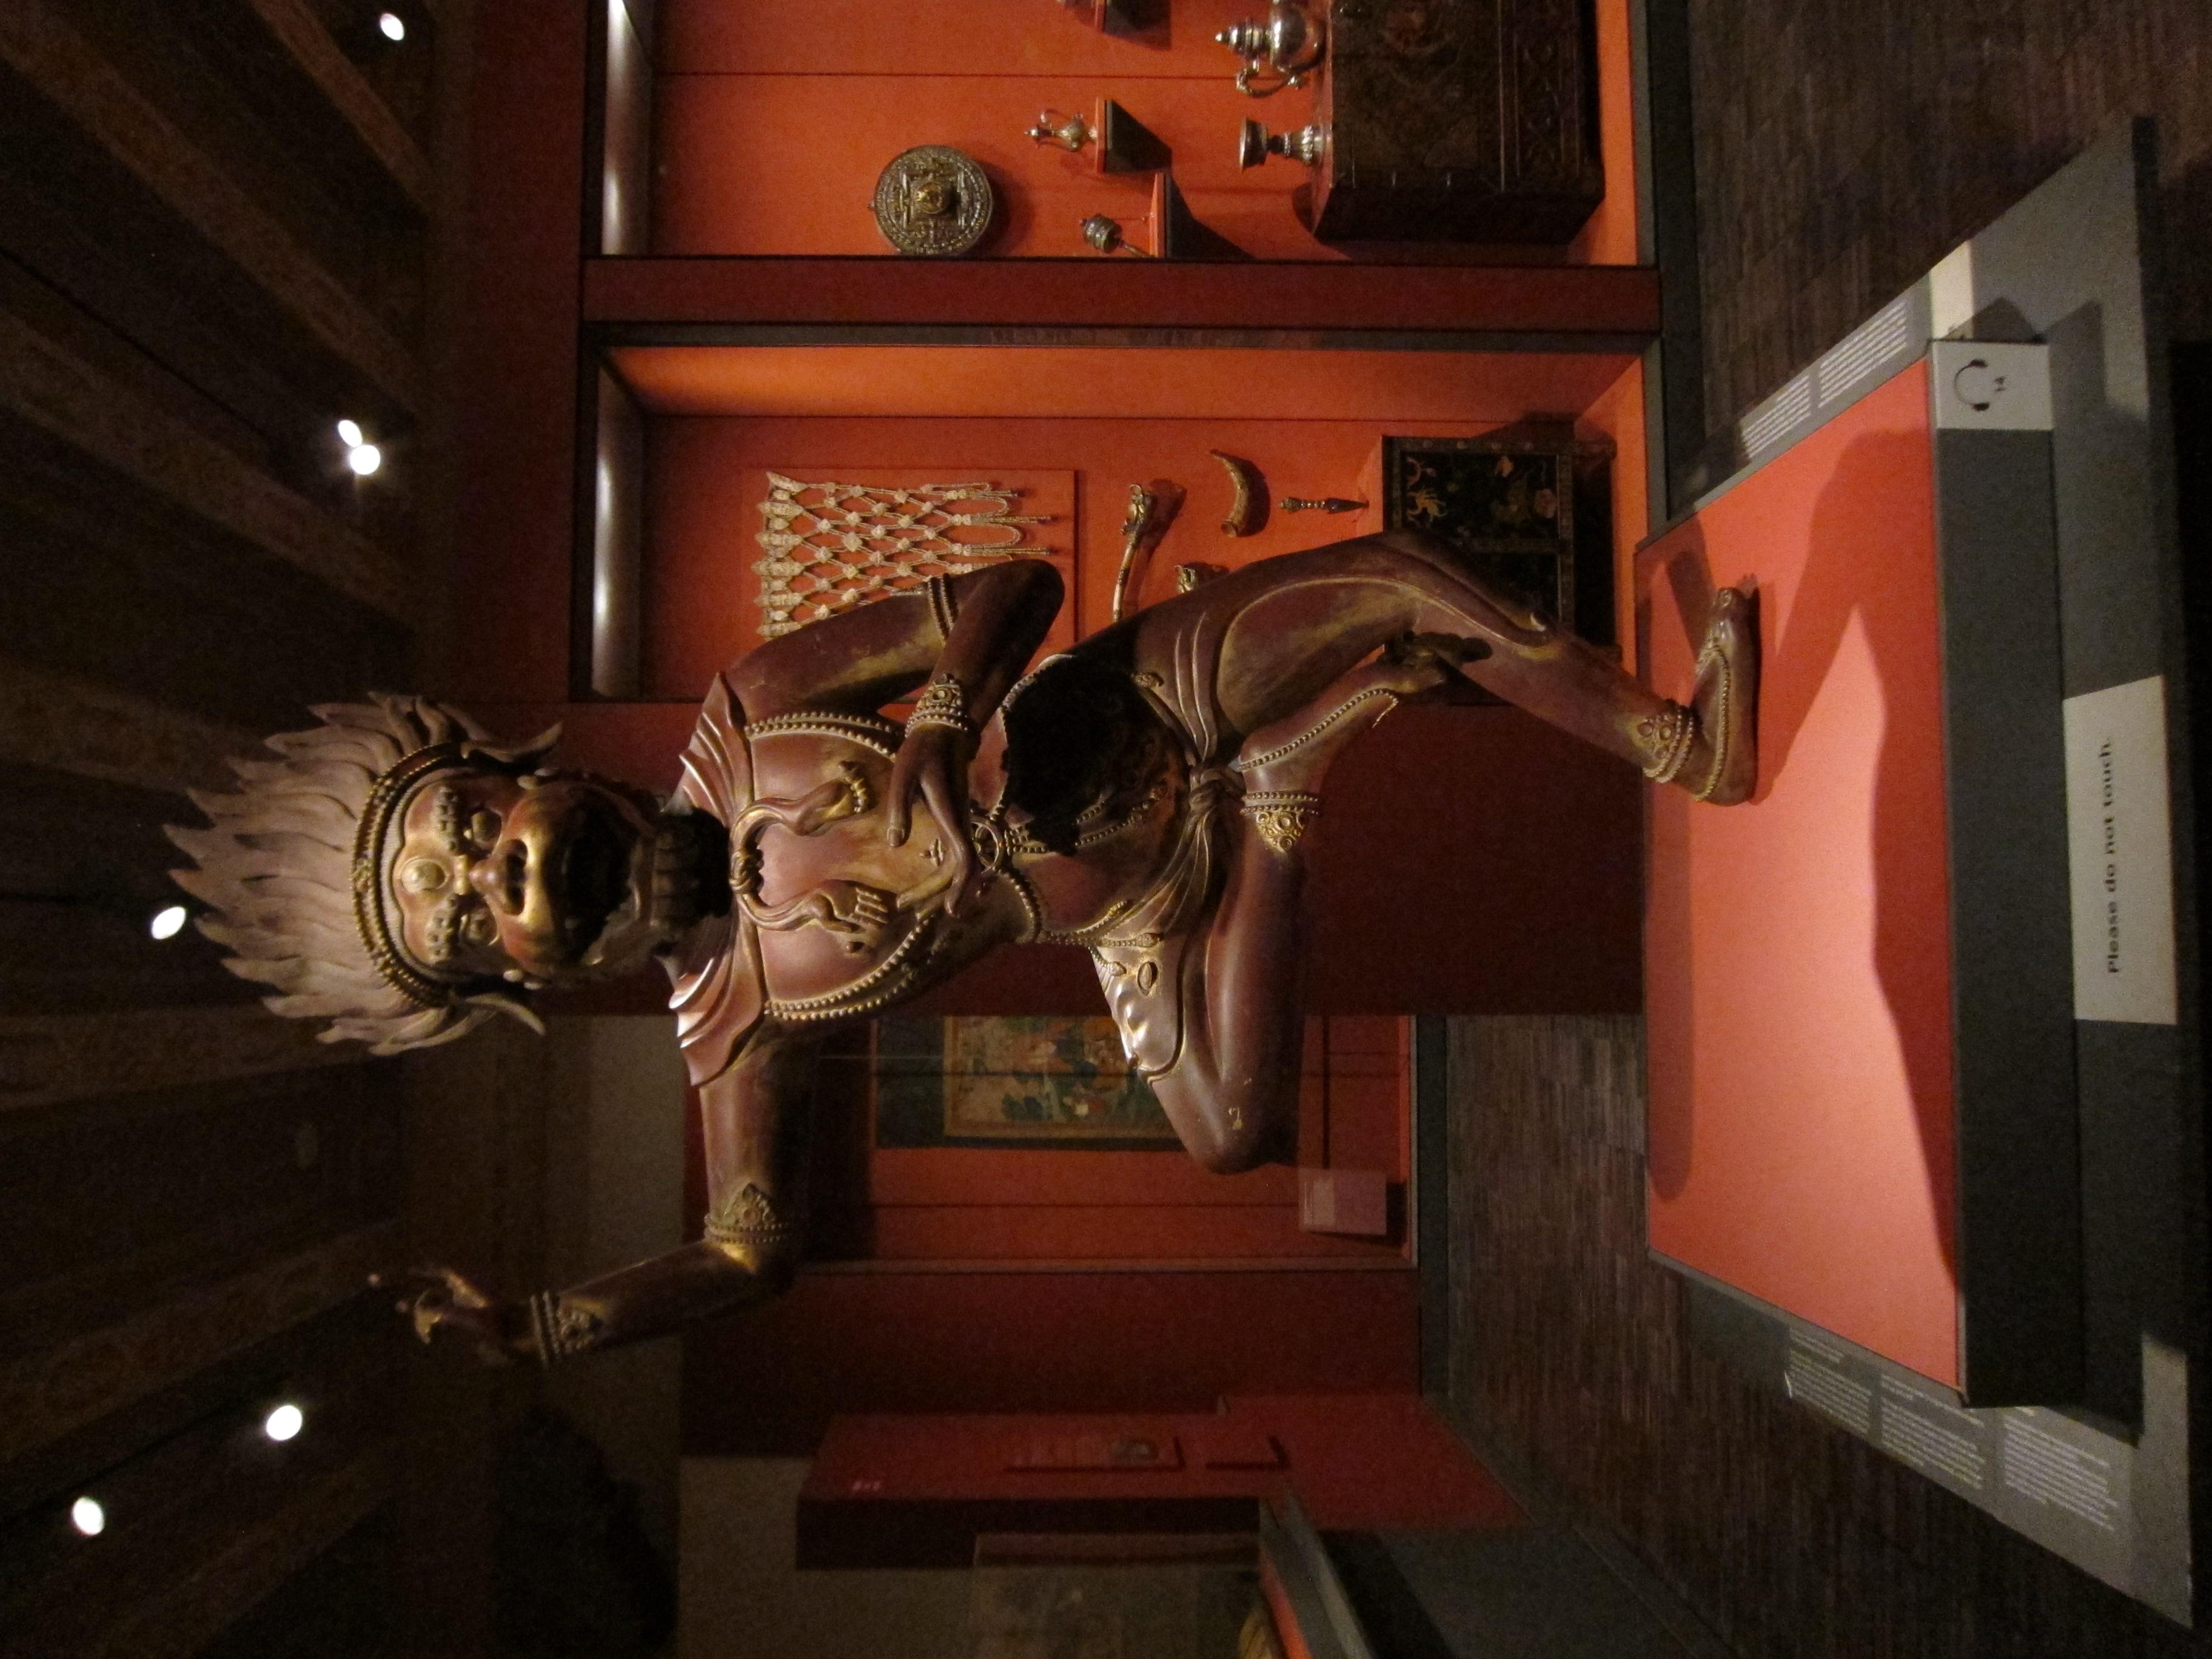 Simhavaktra Dakini by AsianArtMuseum - Thingiverse